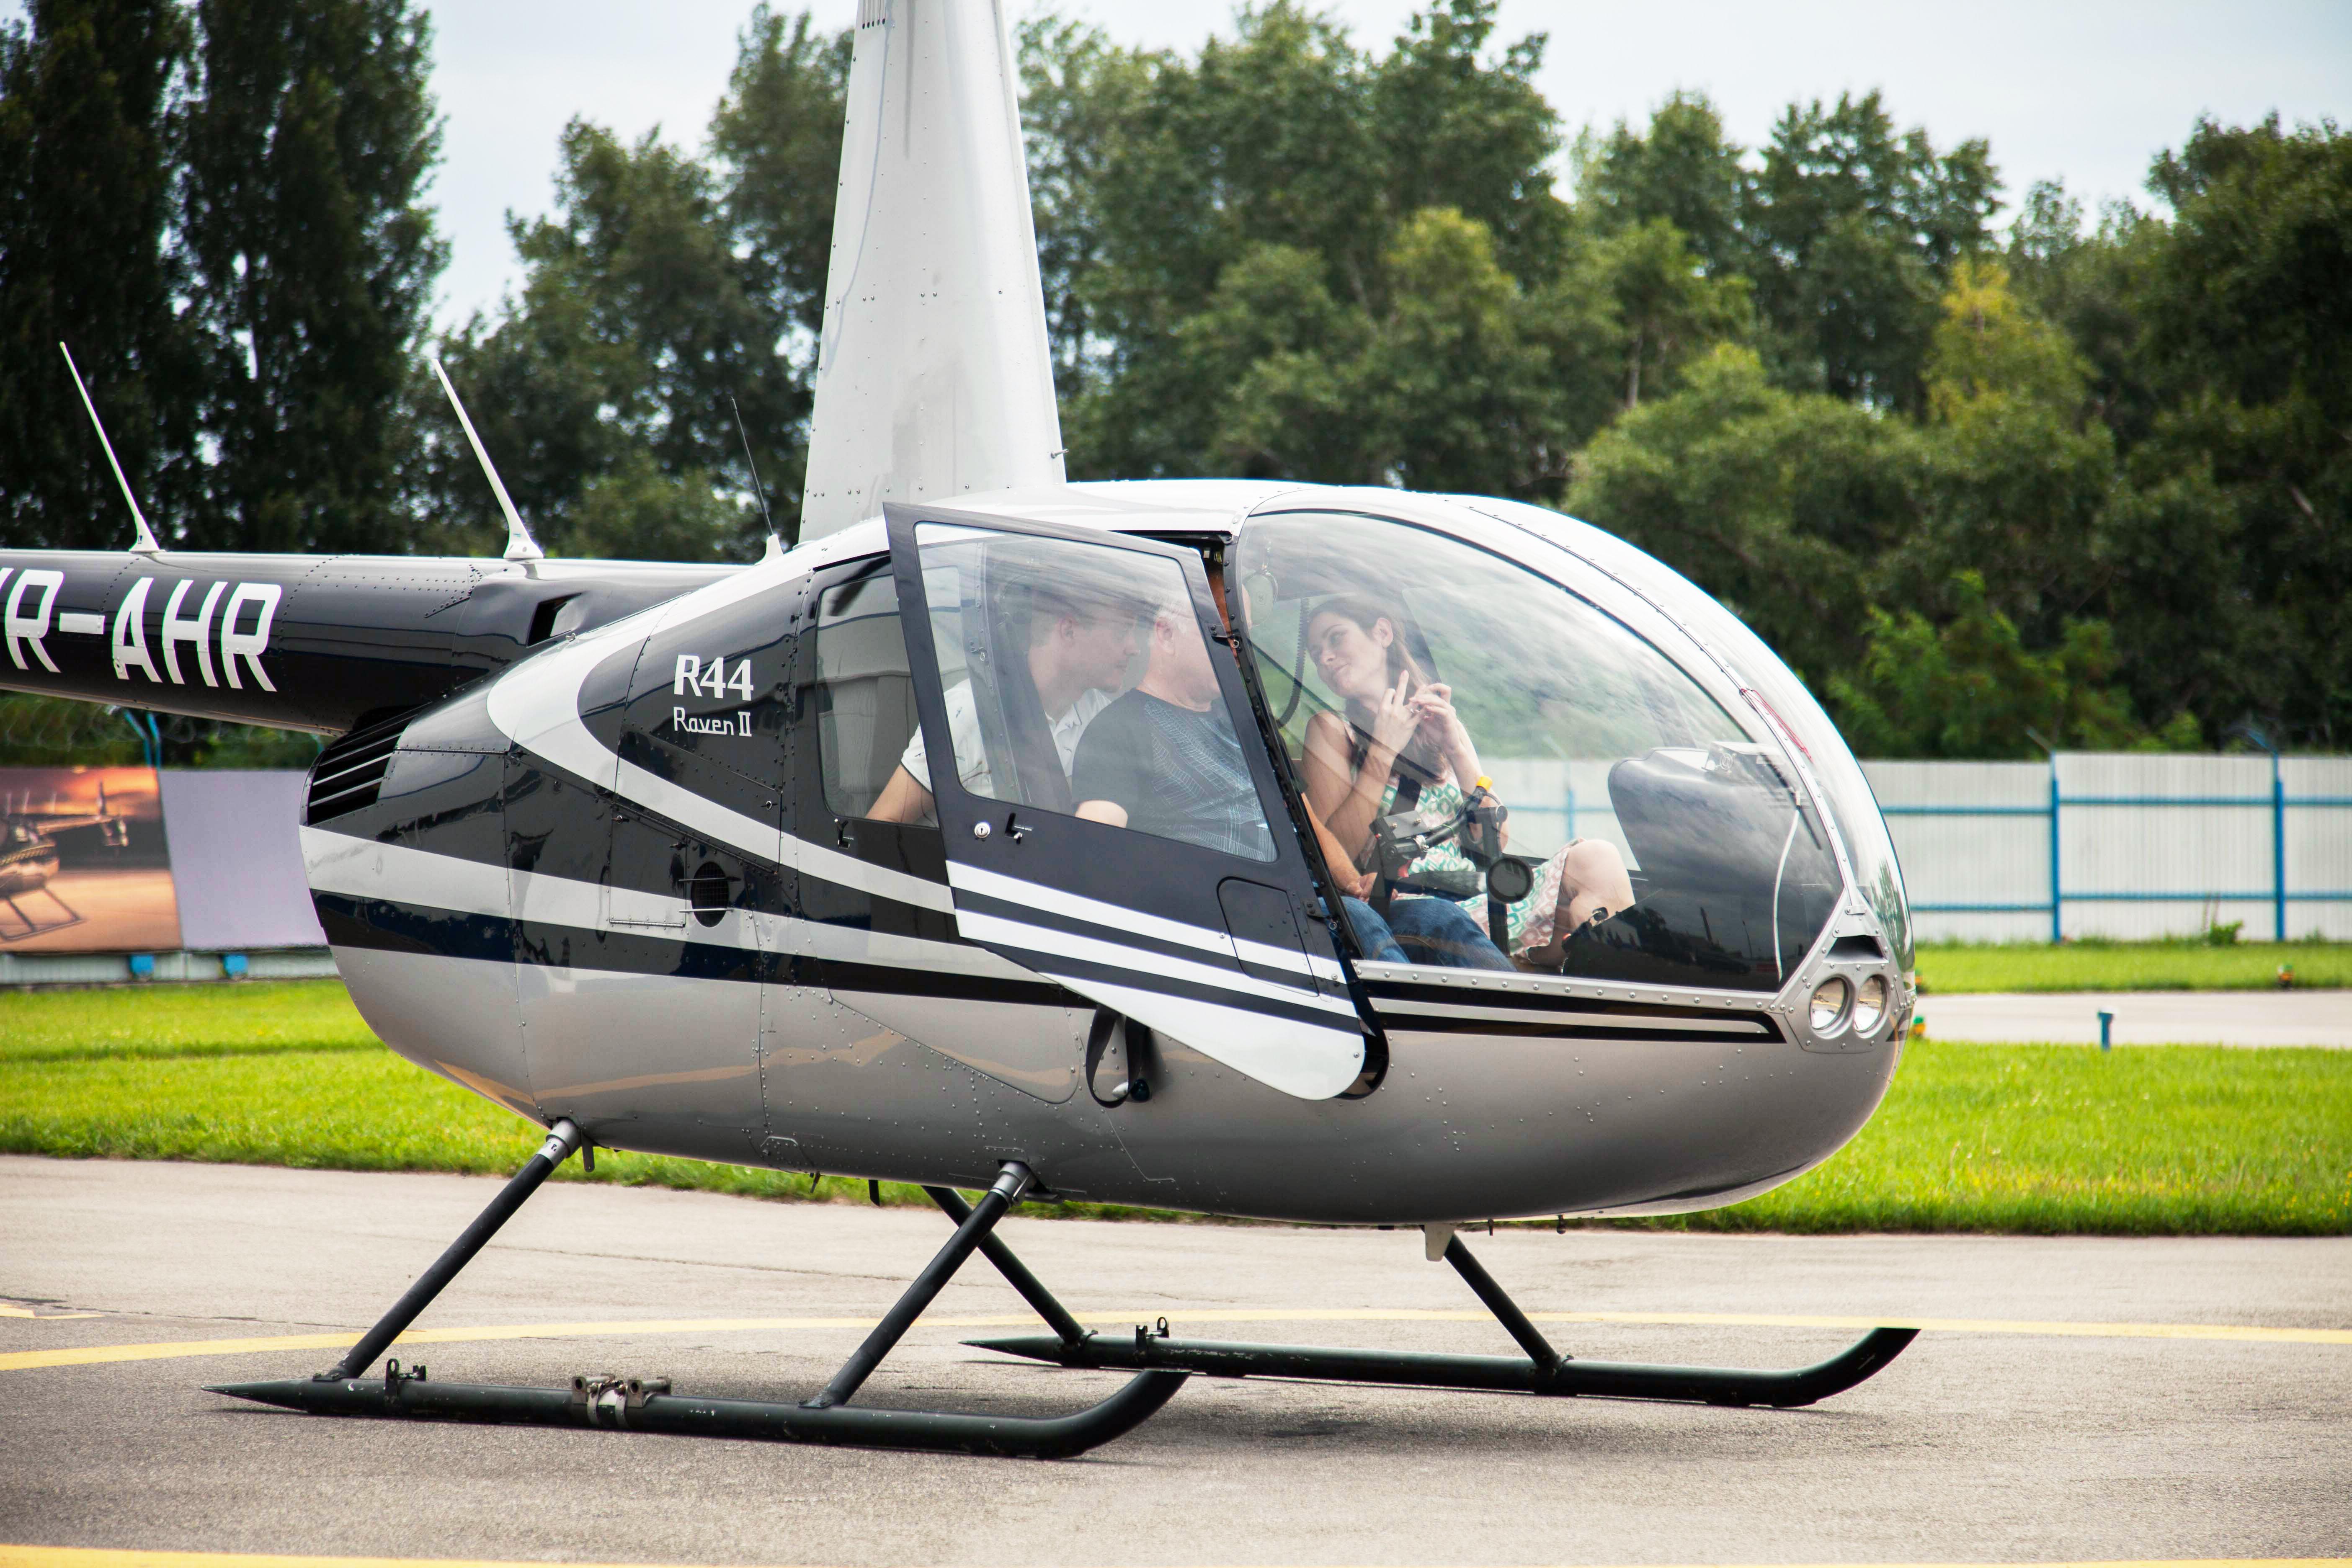 Свидание на вертолете, сервис романтики